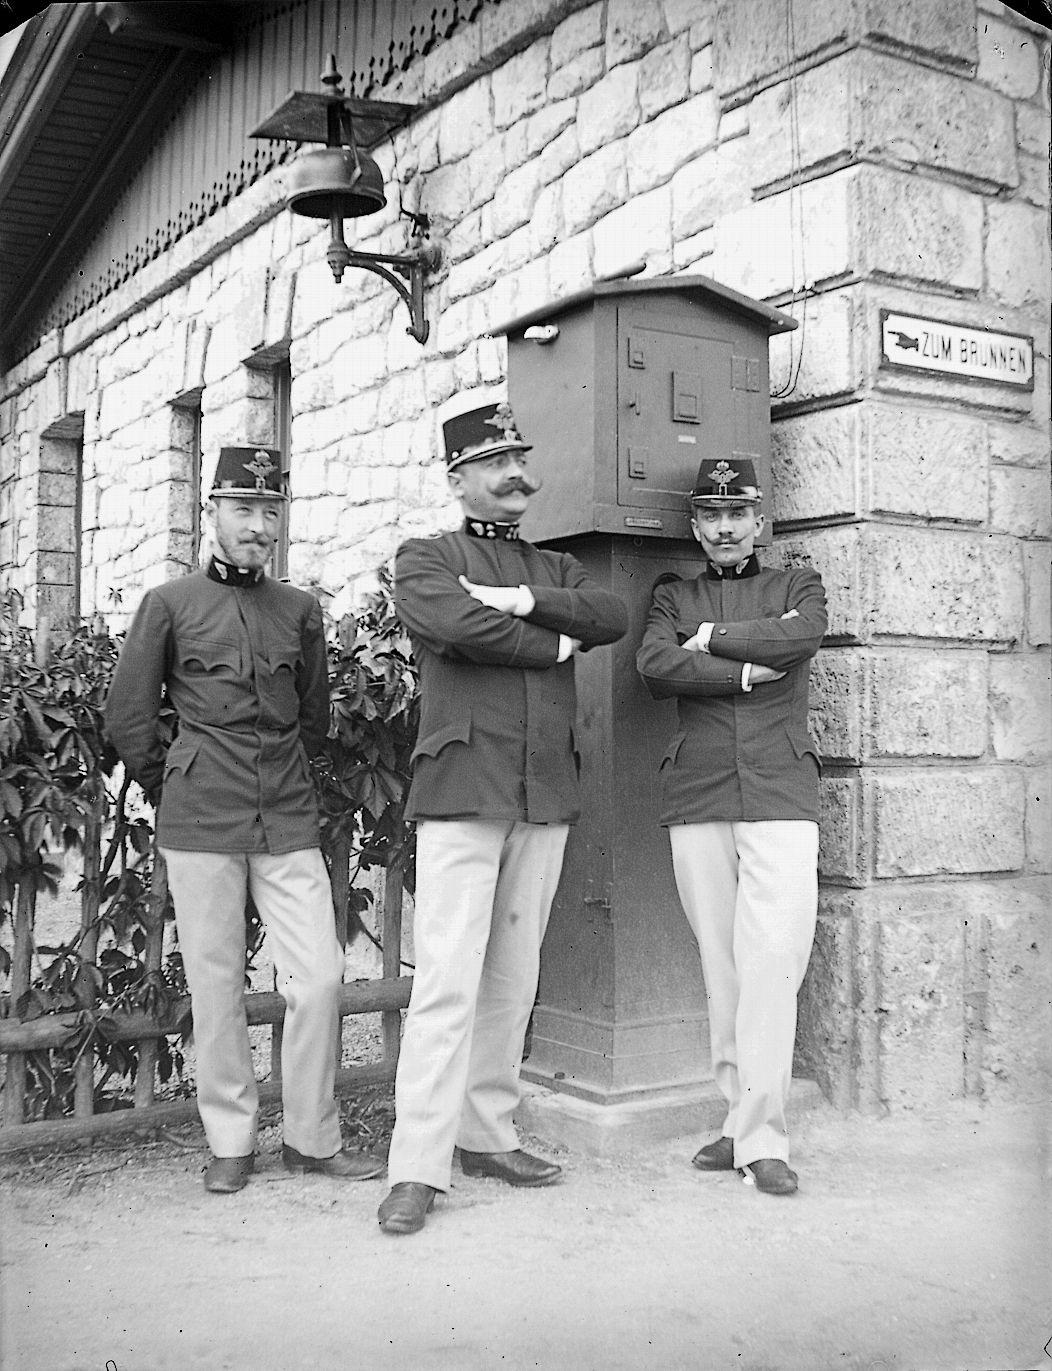 Respektspersonen In Uniform – Im Dienst